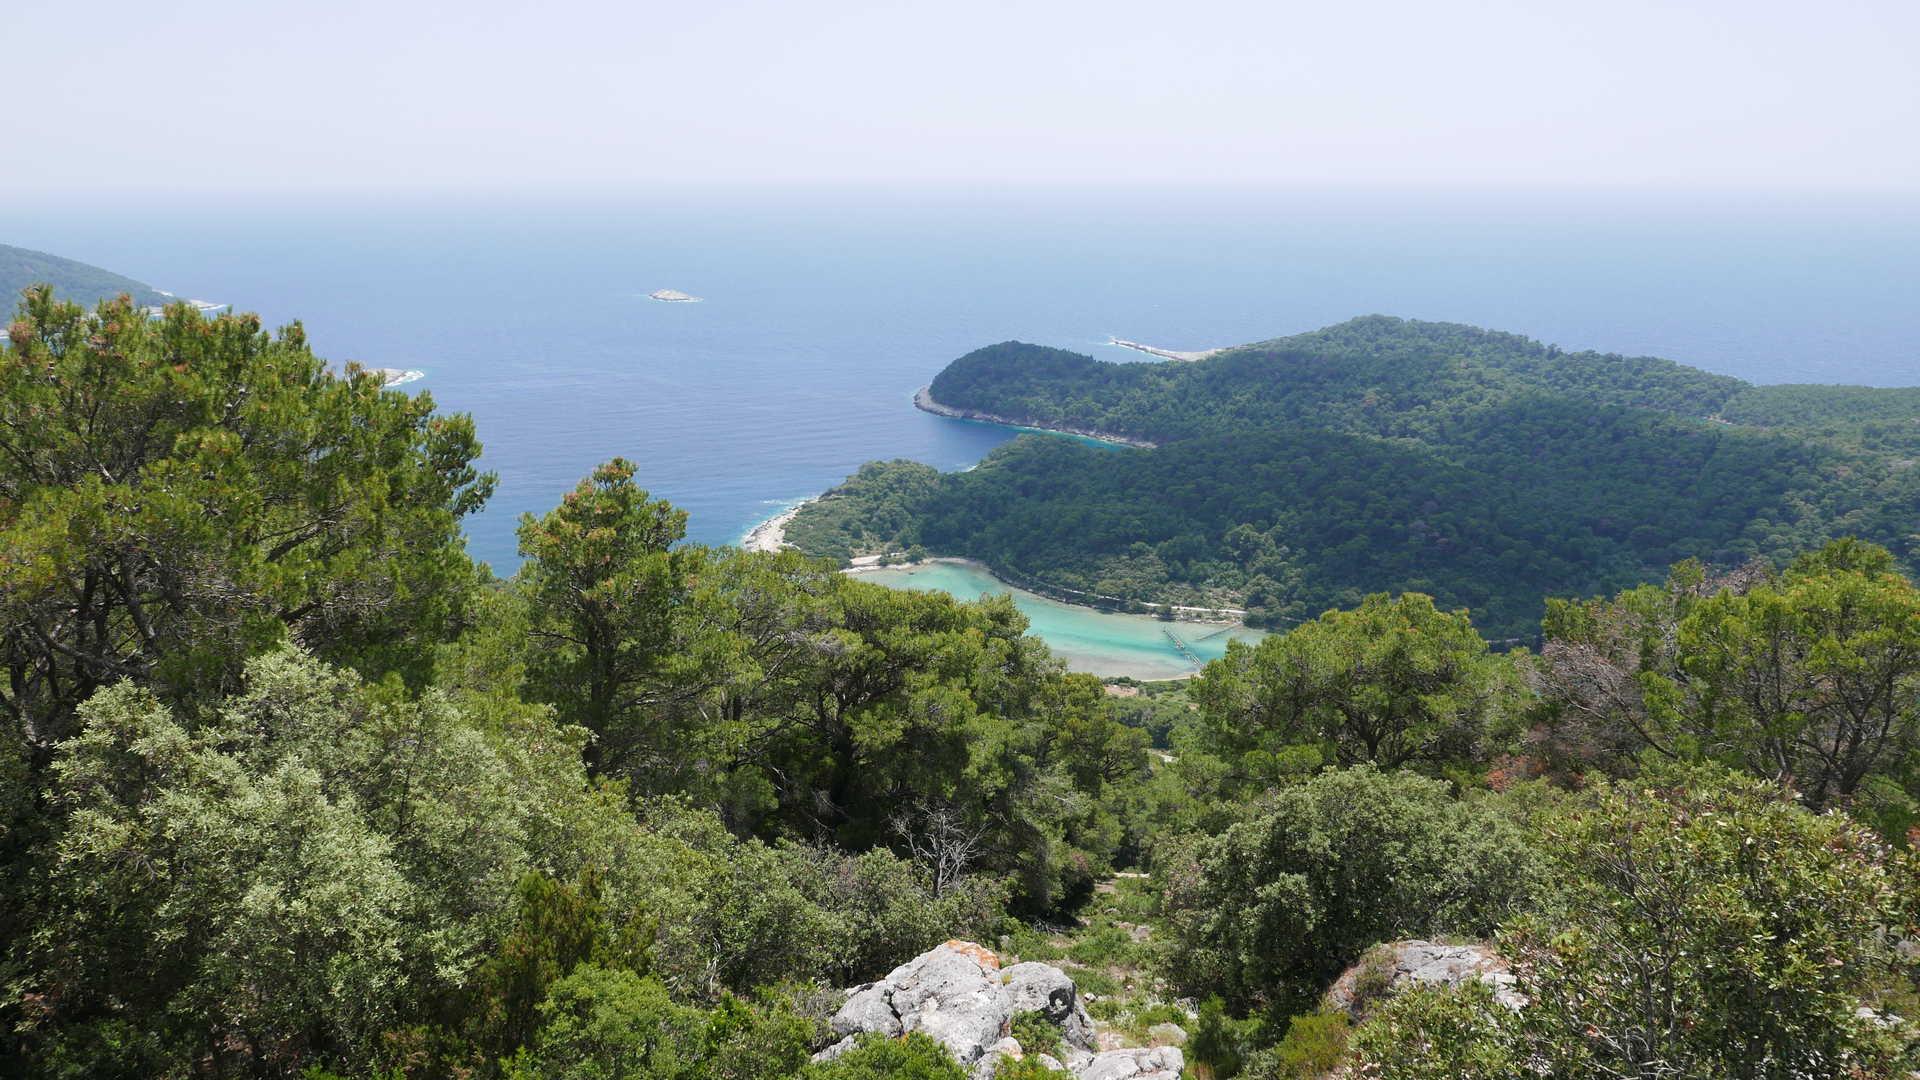 Vue sur l'île de Mjlet depuis le village de Montokuk